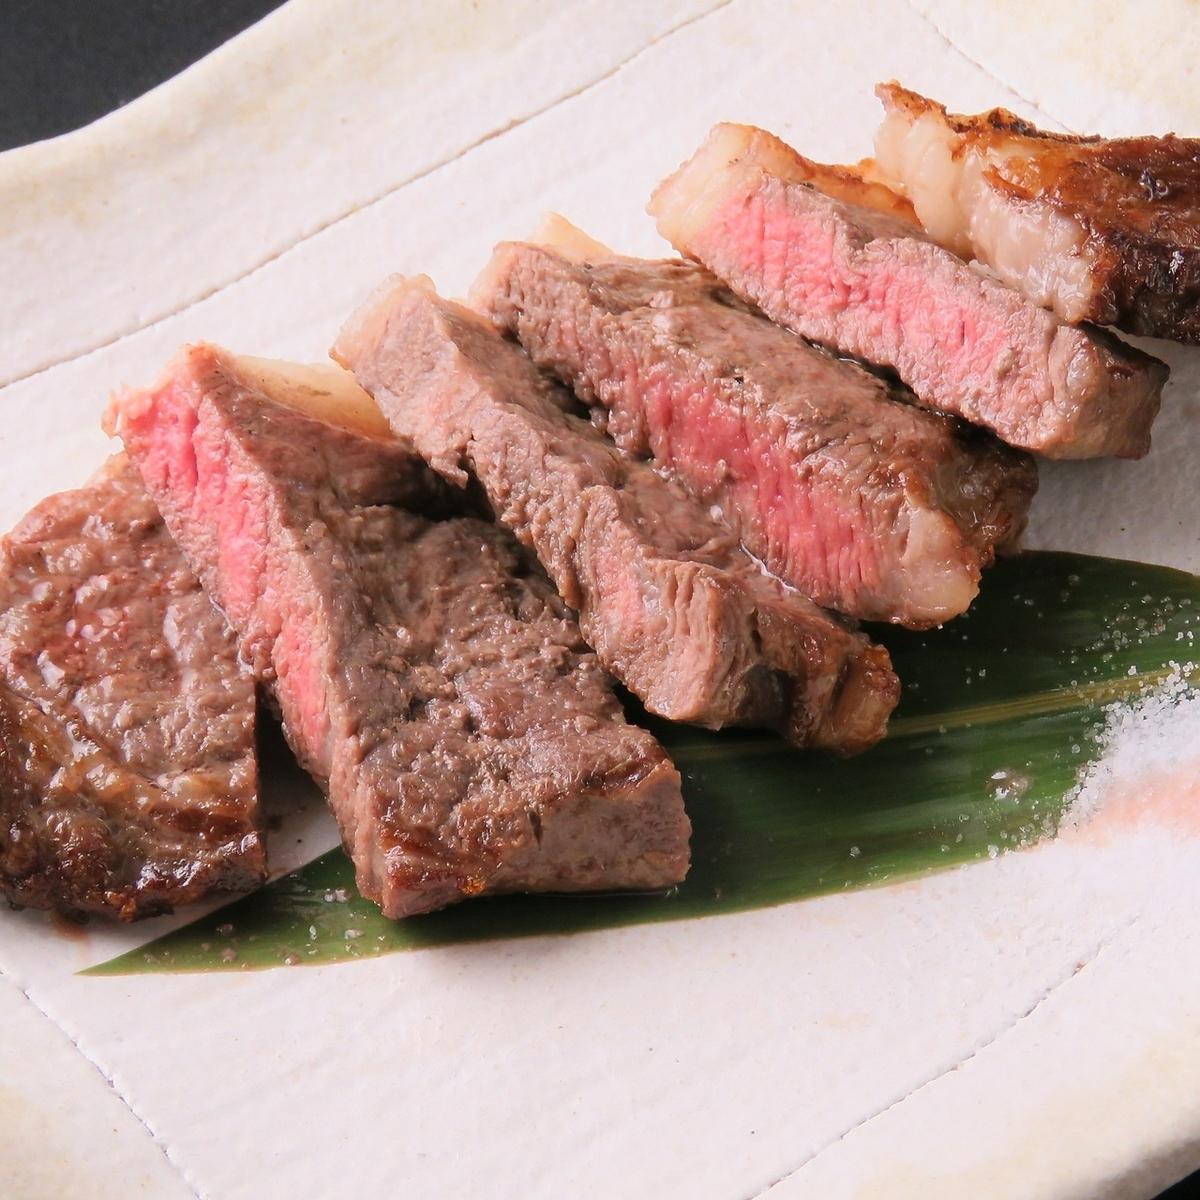 Owarai牛的木炭烤牛腰肉排